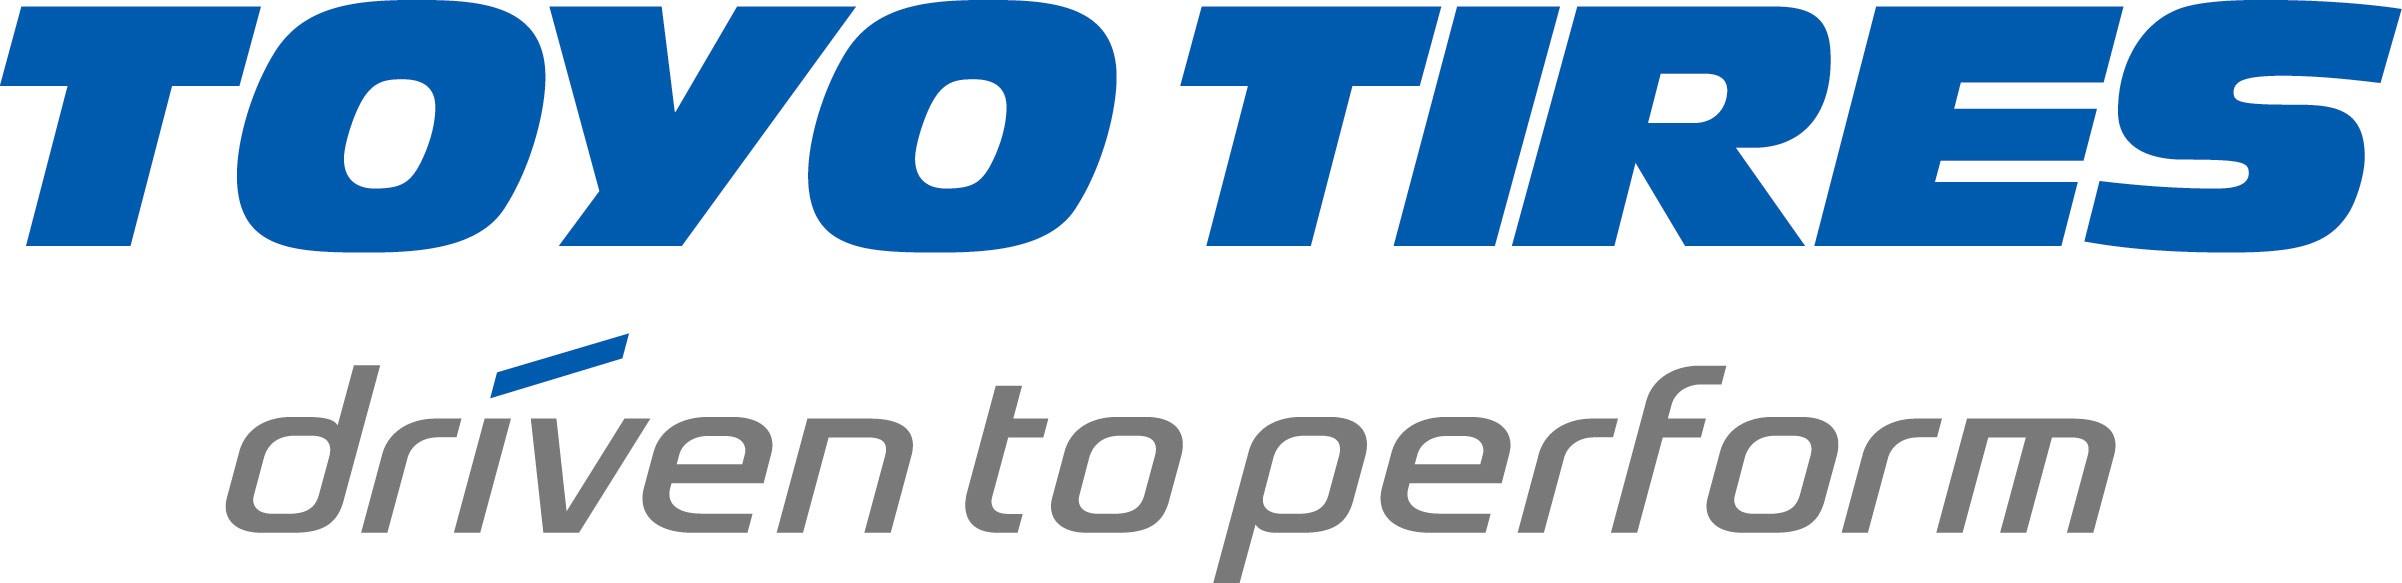 Logo de la marque Toyo